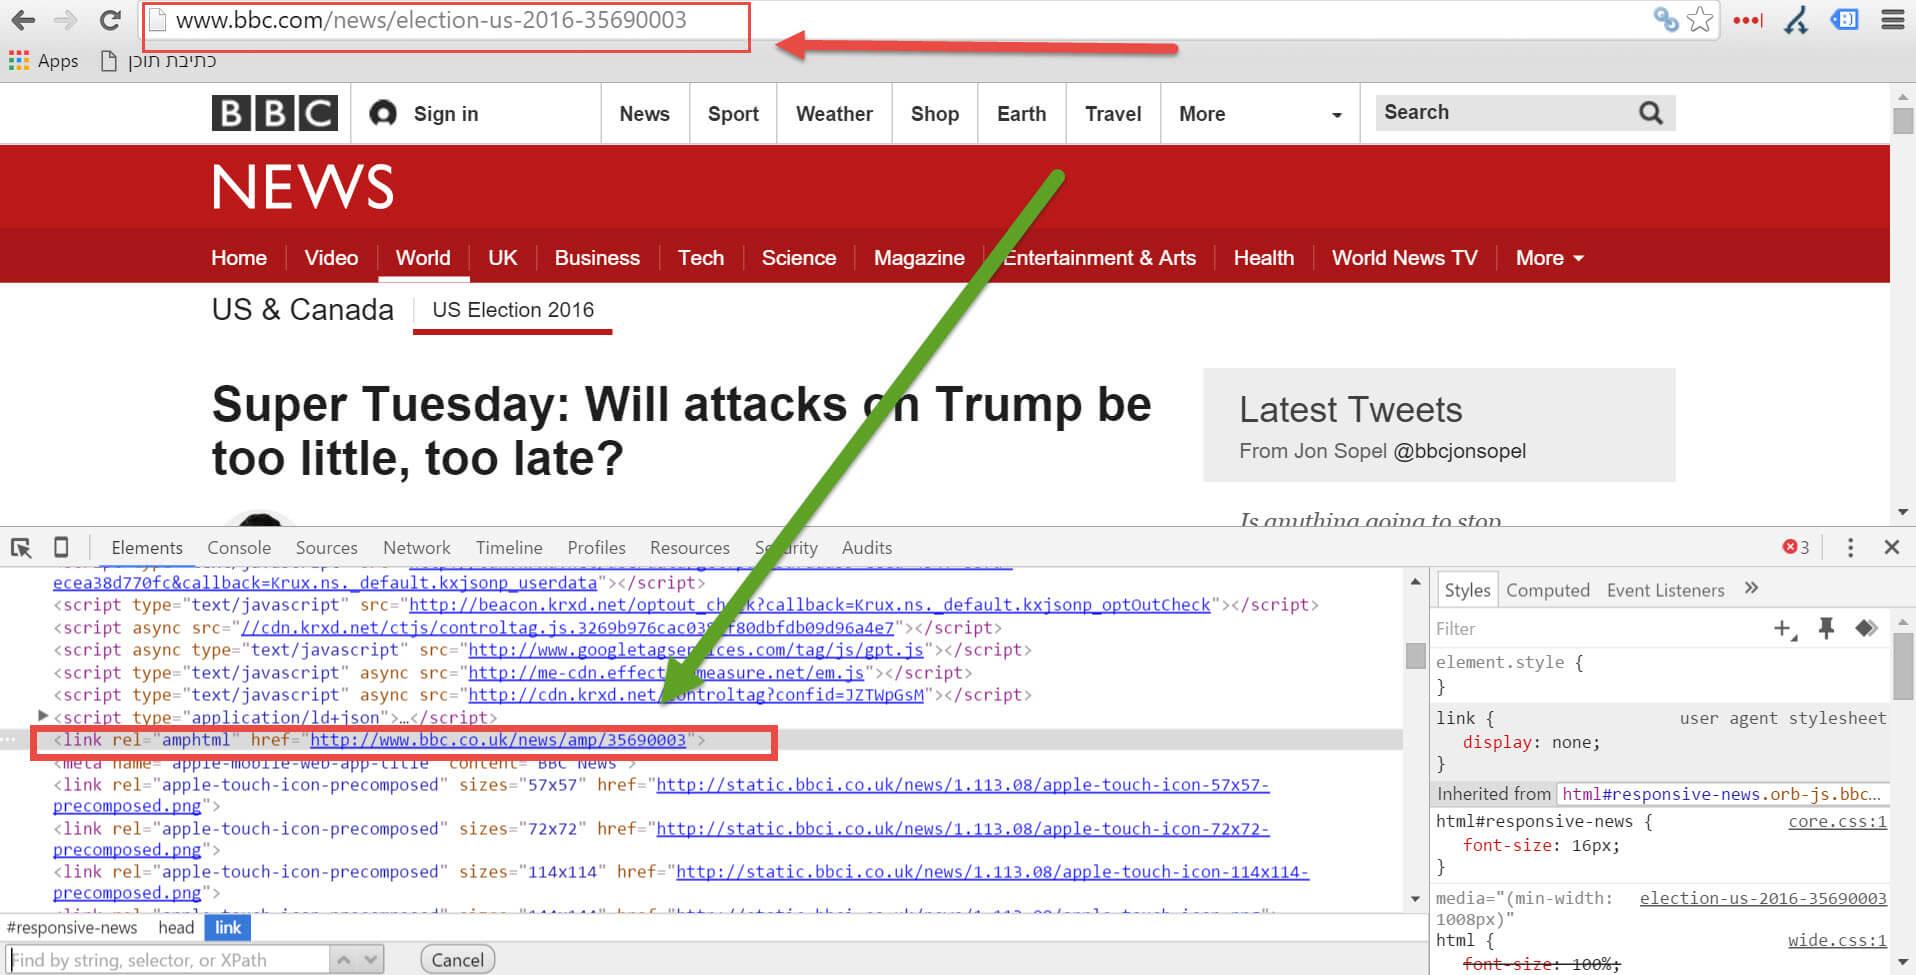 עמוד הדסקטופ של BBC